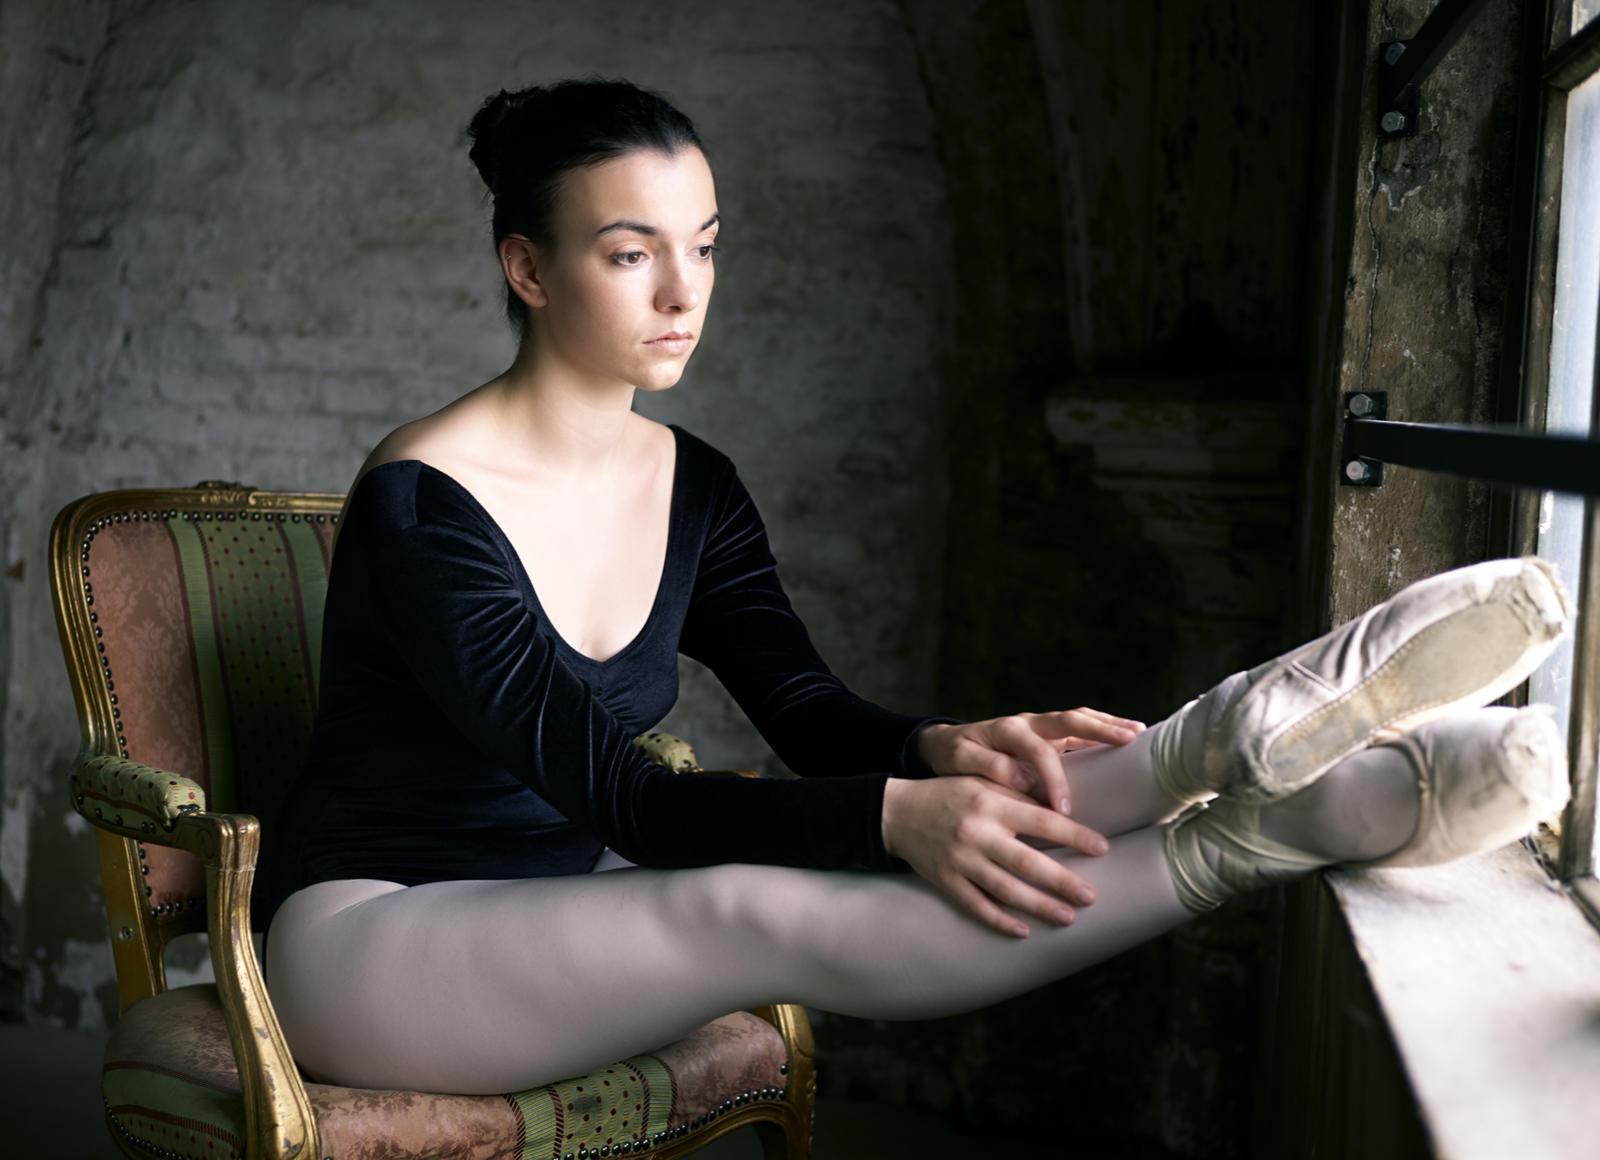 Foto van een ballerina op een stoel bij een raam met benen op vensterbank